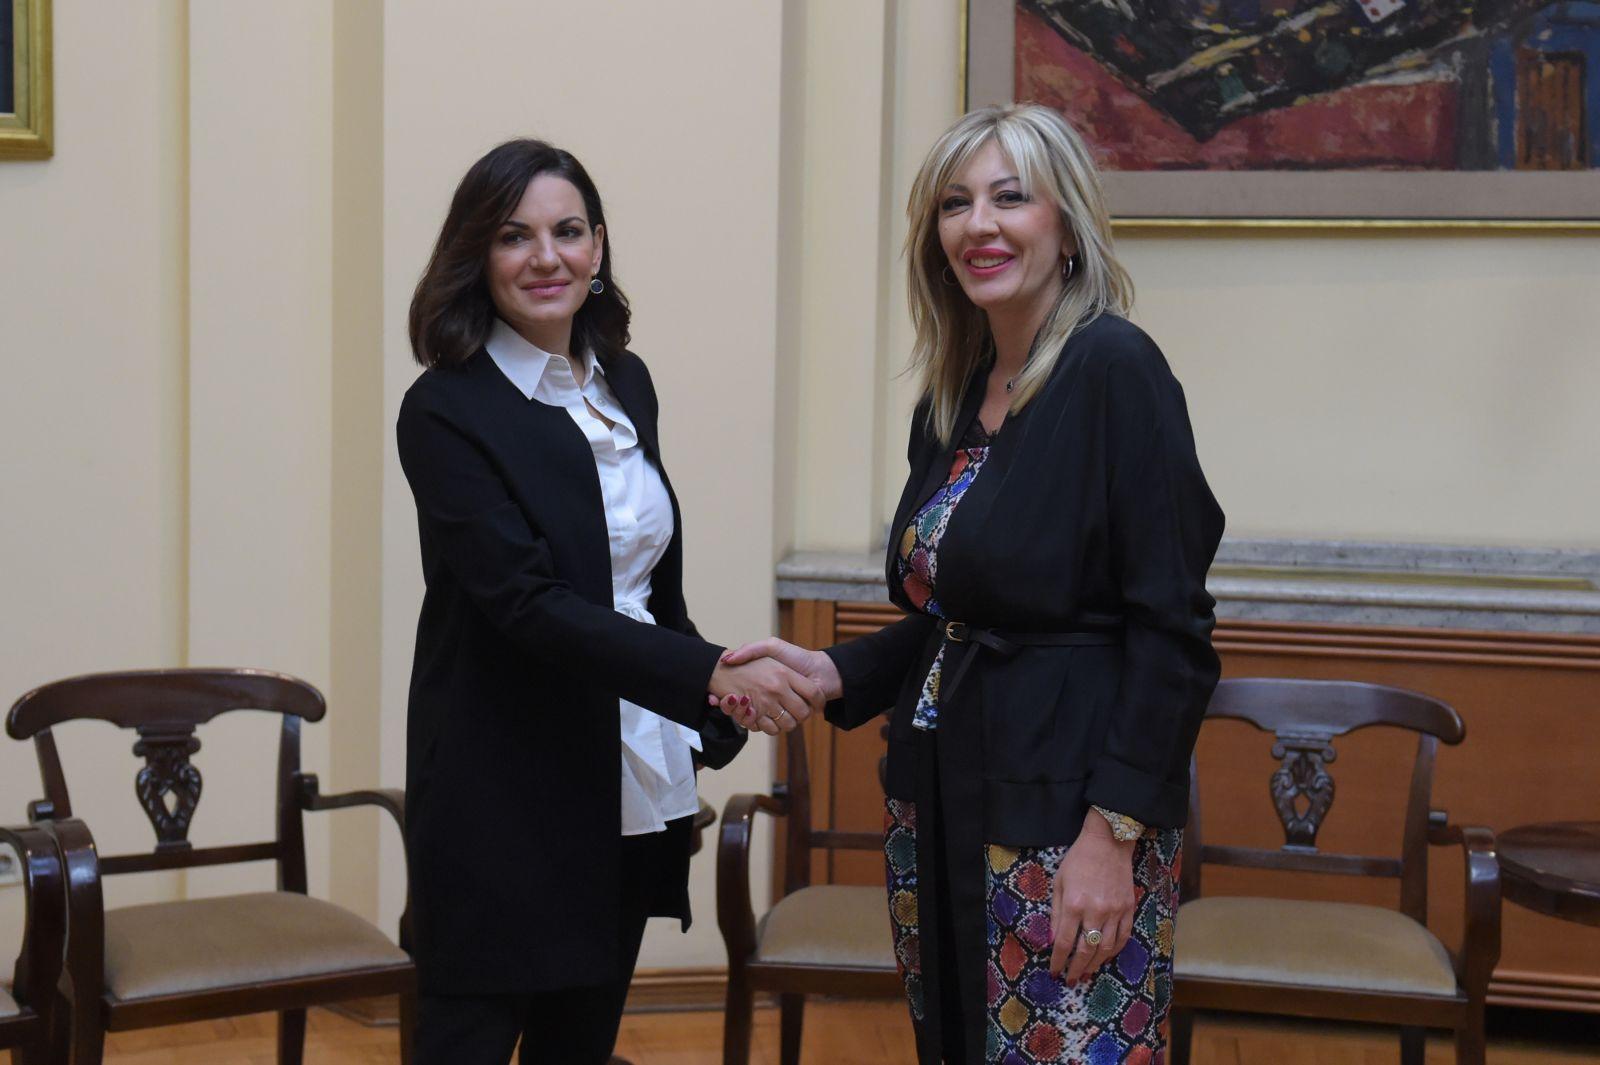 Ј. Јоксимовић и Кефалојани: Пријатељство и стратешко партнерство Србије и Грчке